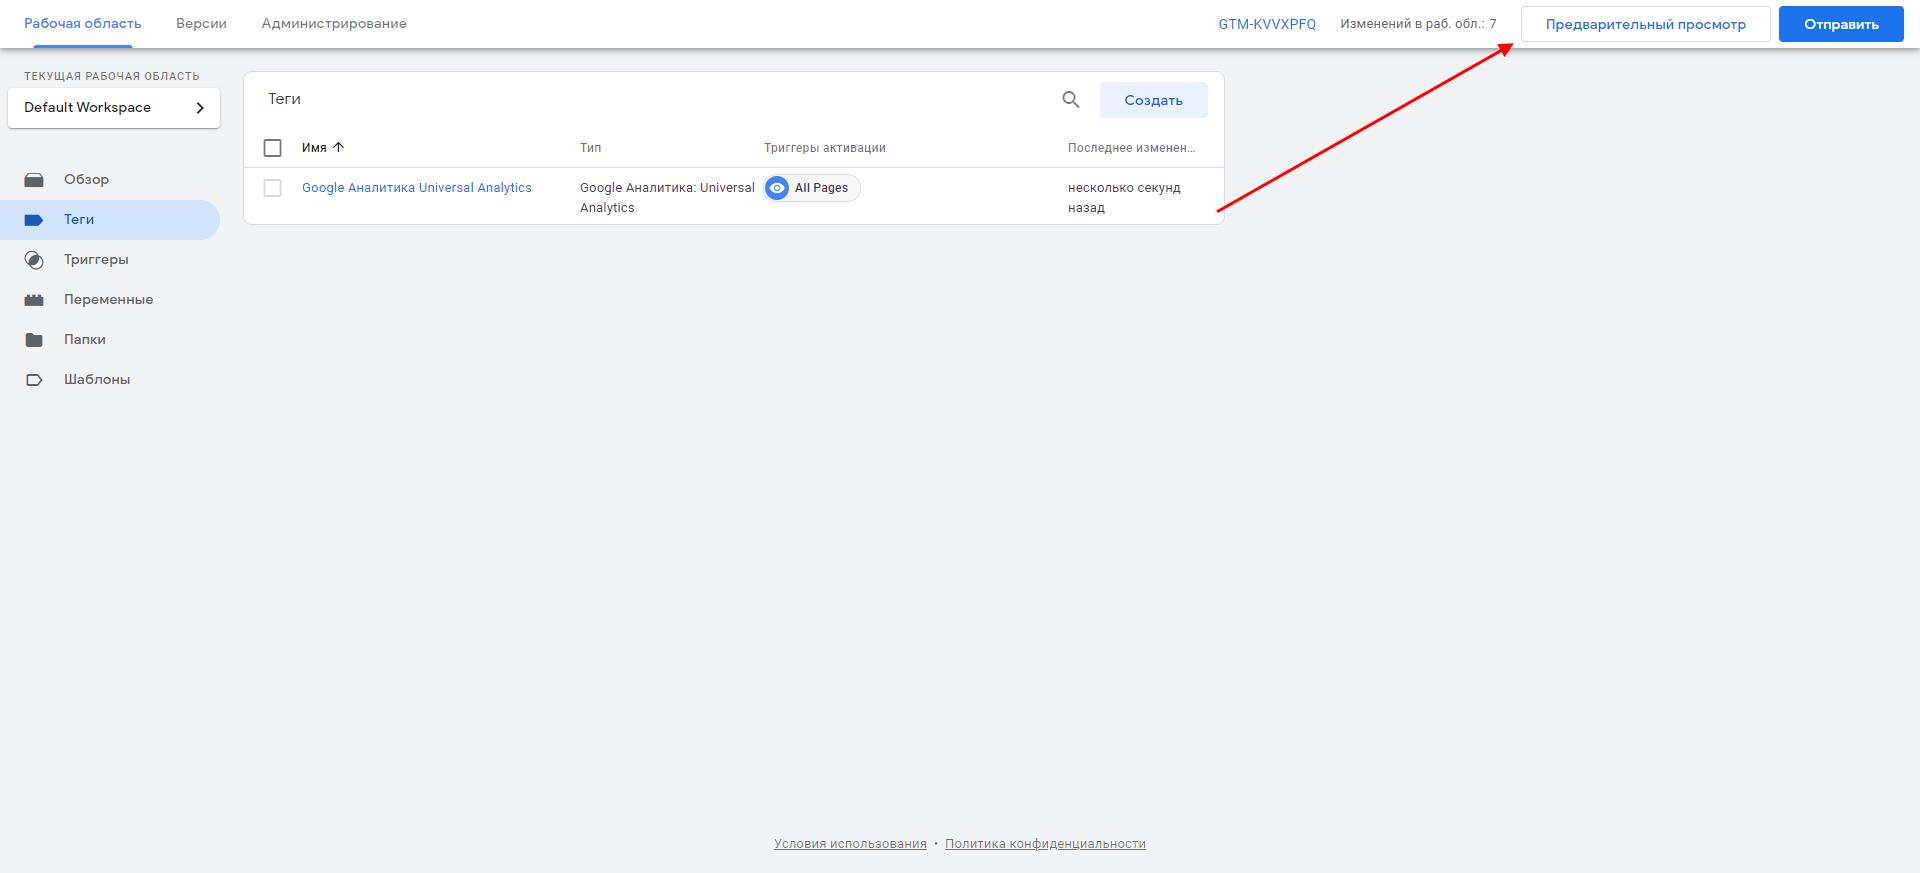 Как проверить работоспособность тега в Google Tag Manager